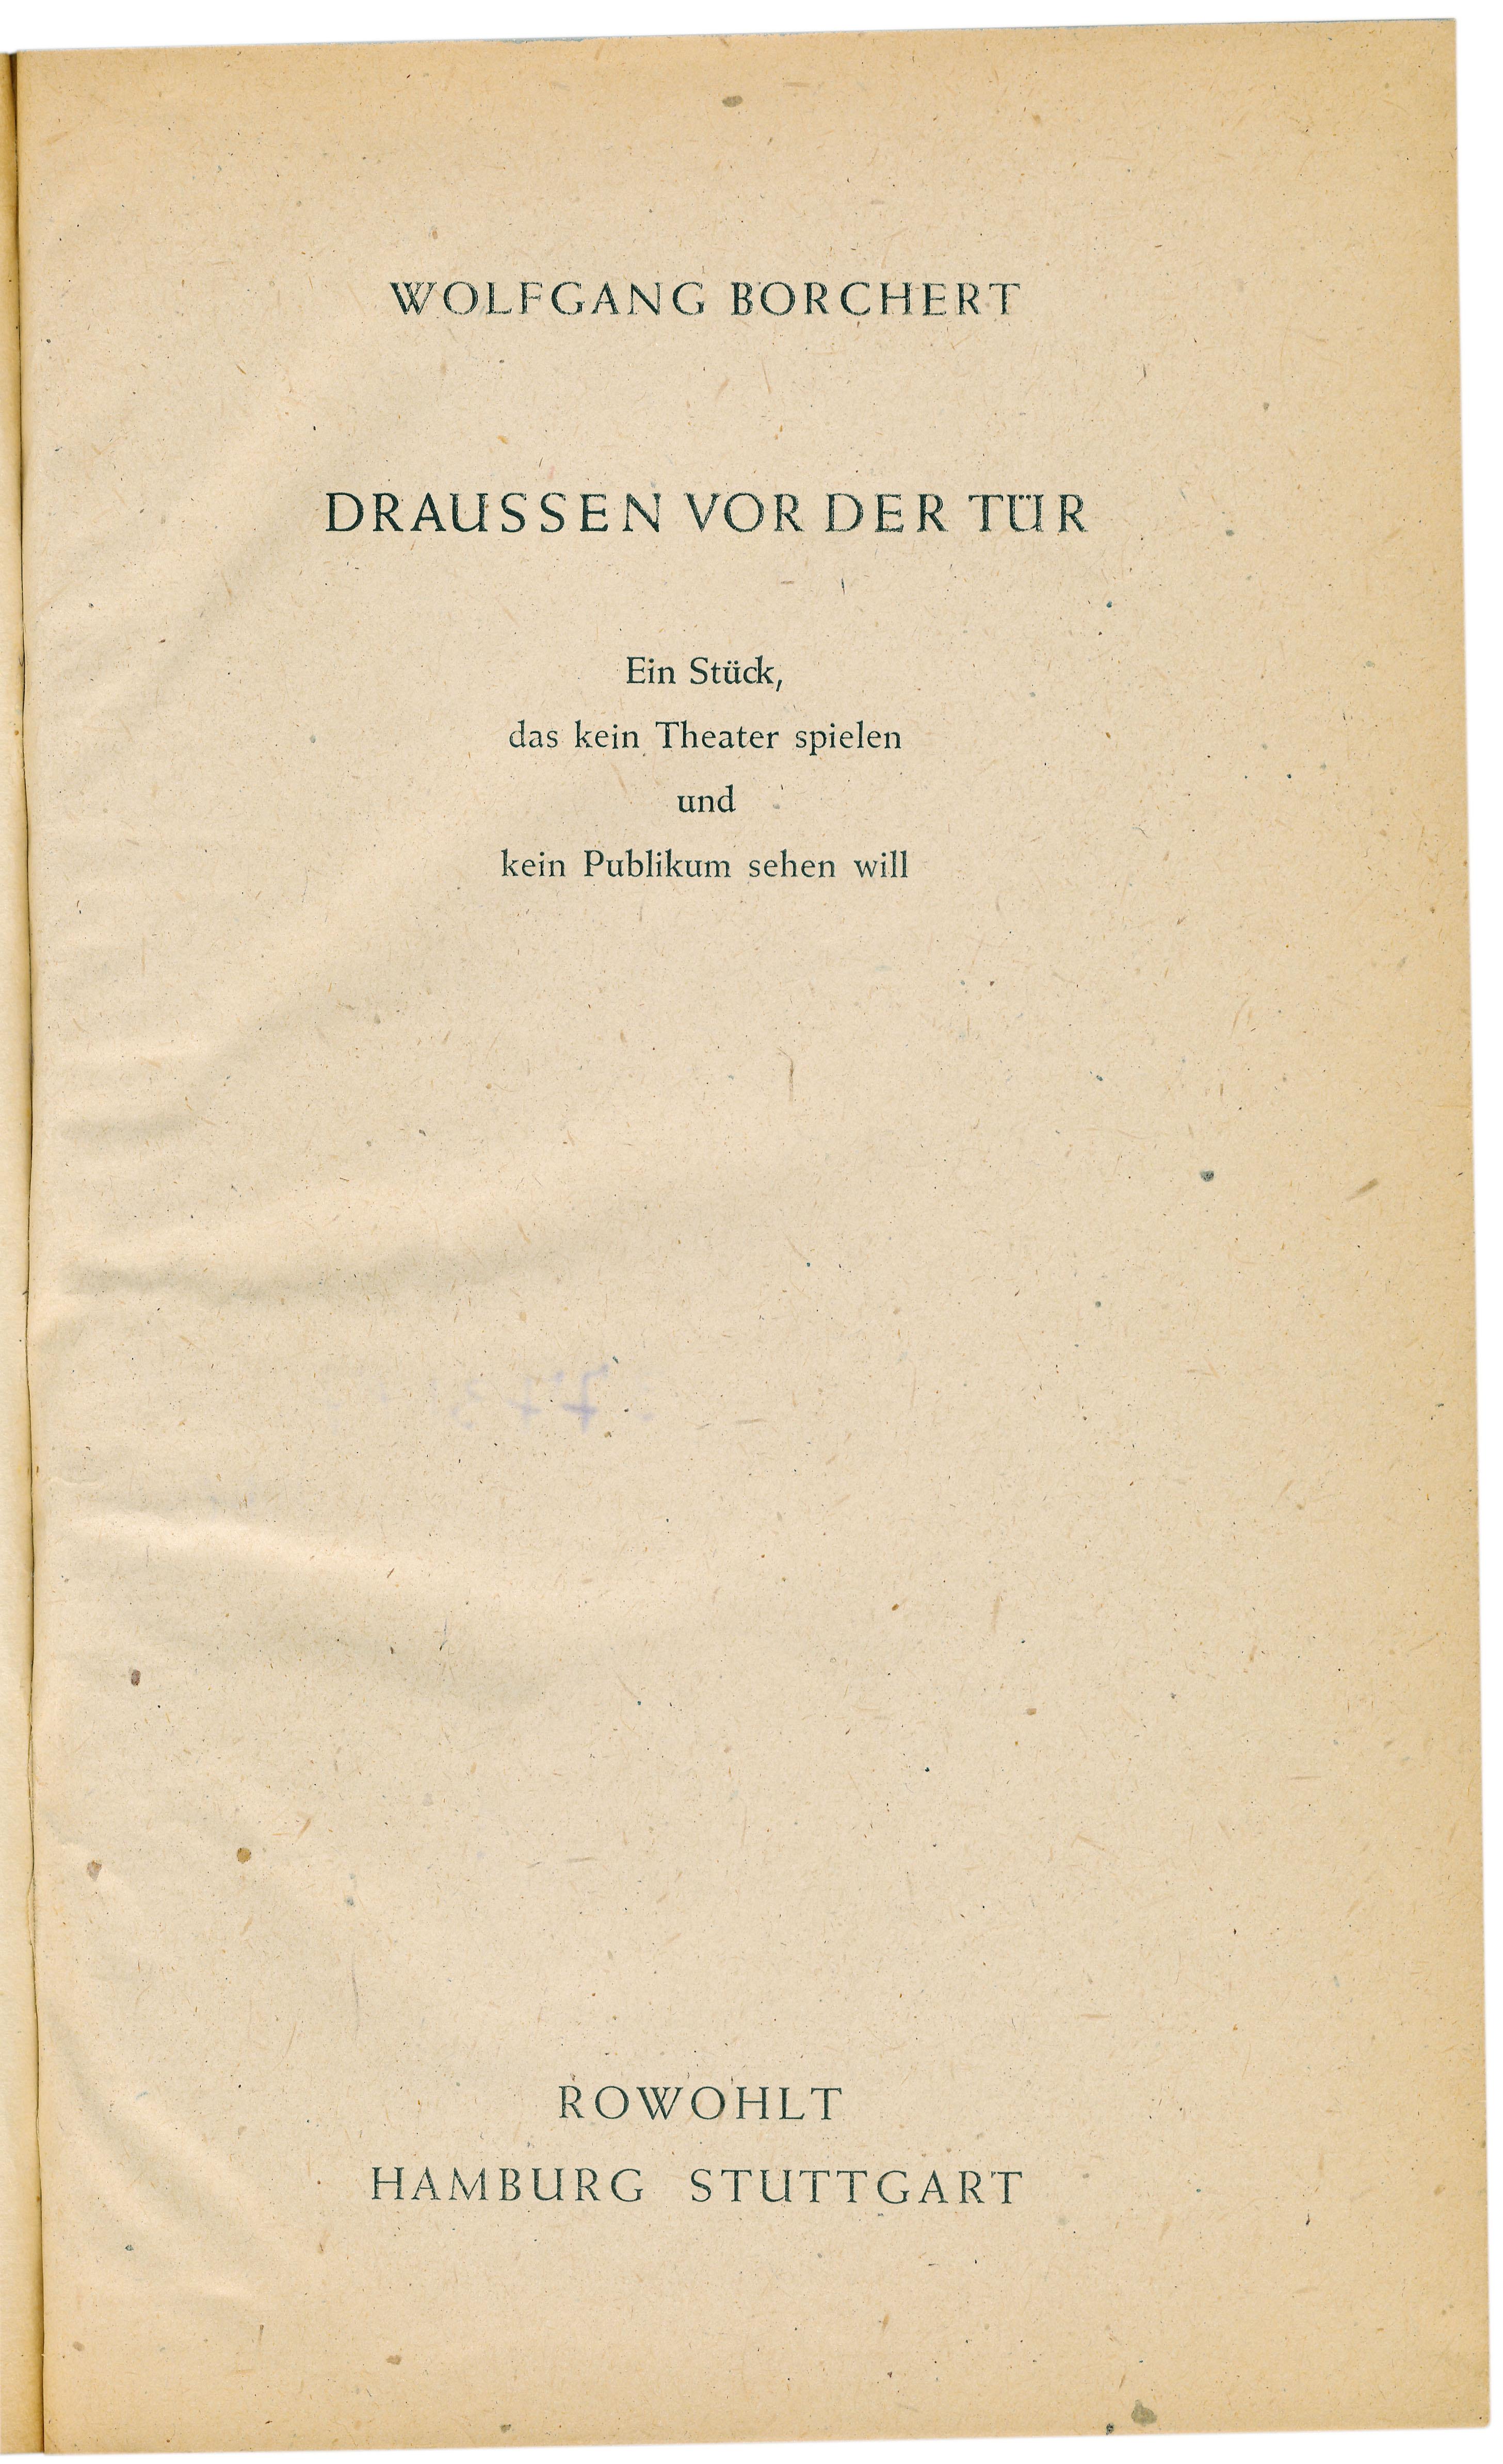 Der tur  File:Borchert, Draußen vor der Tür, first edition (1947), title ...